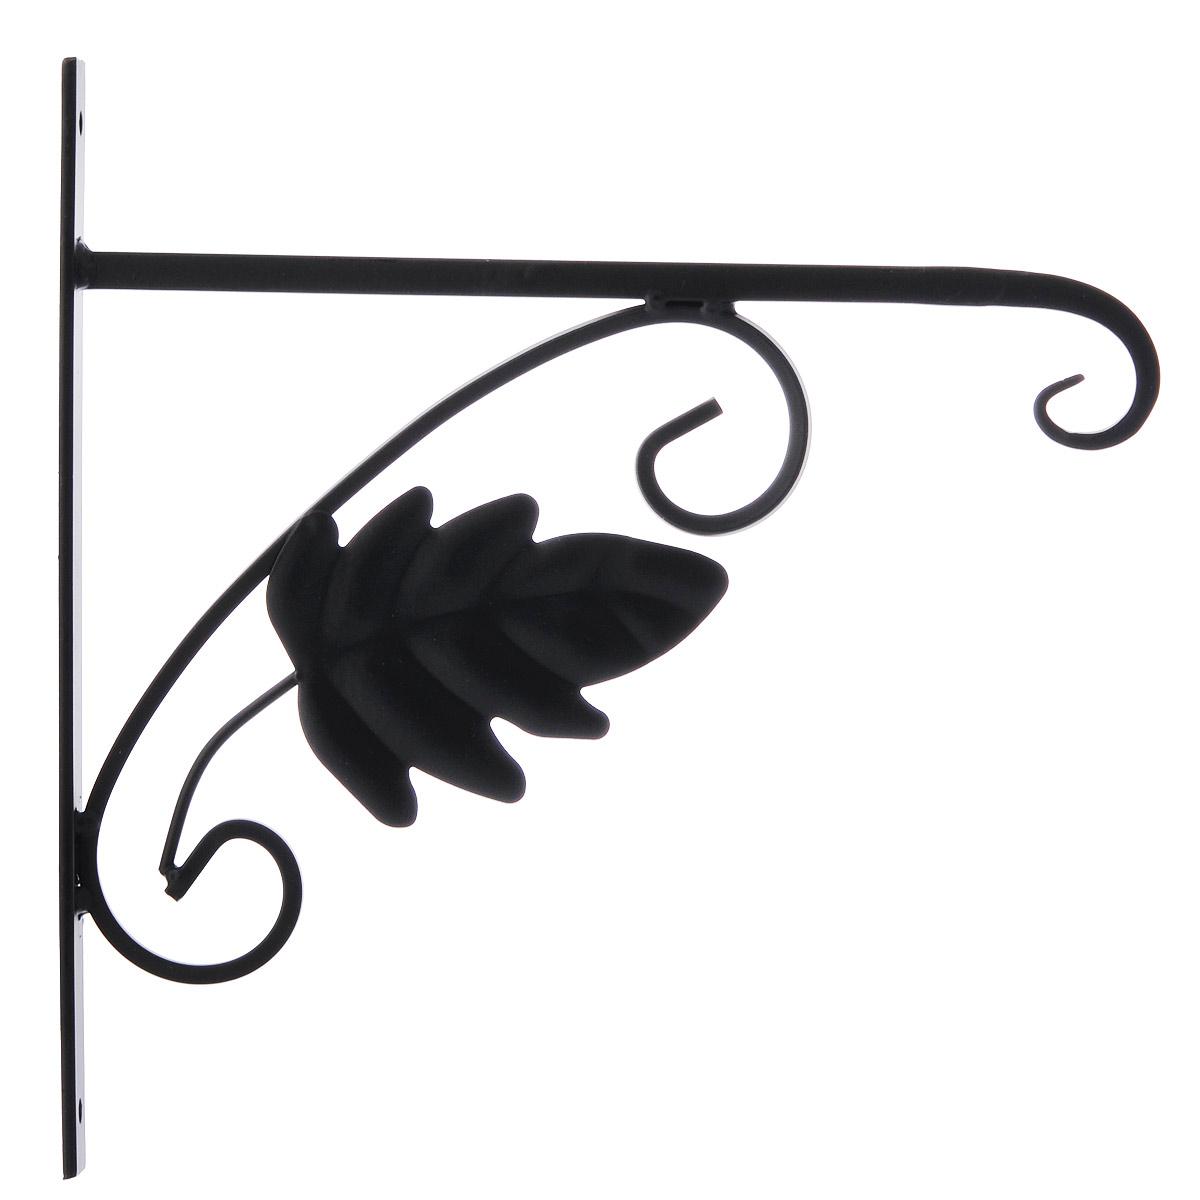 Кронштейн для кашпо Гарденкрафт Клен, цвет: черный3085Кронштейн Гарденкрафт Клен поможет вам украсить цветами окружающее вас пространство. С помощью прочного кронштейна вы сможете расположить корзину с цветами в любом удобном месте. Кронштейн изготовлен из металла, что гарантирует долговечность срока службы. Такой оригинальный кронштейн послужит настоящим украшением и необычным элементом дизайна. Размер кронштейна: 27,5 см х 28 см х 2 см.